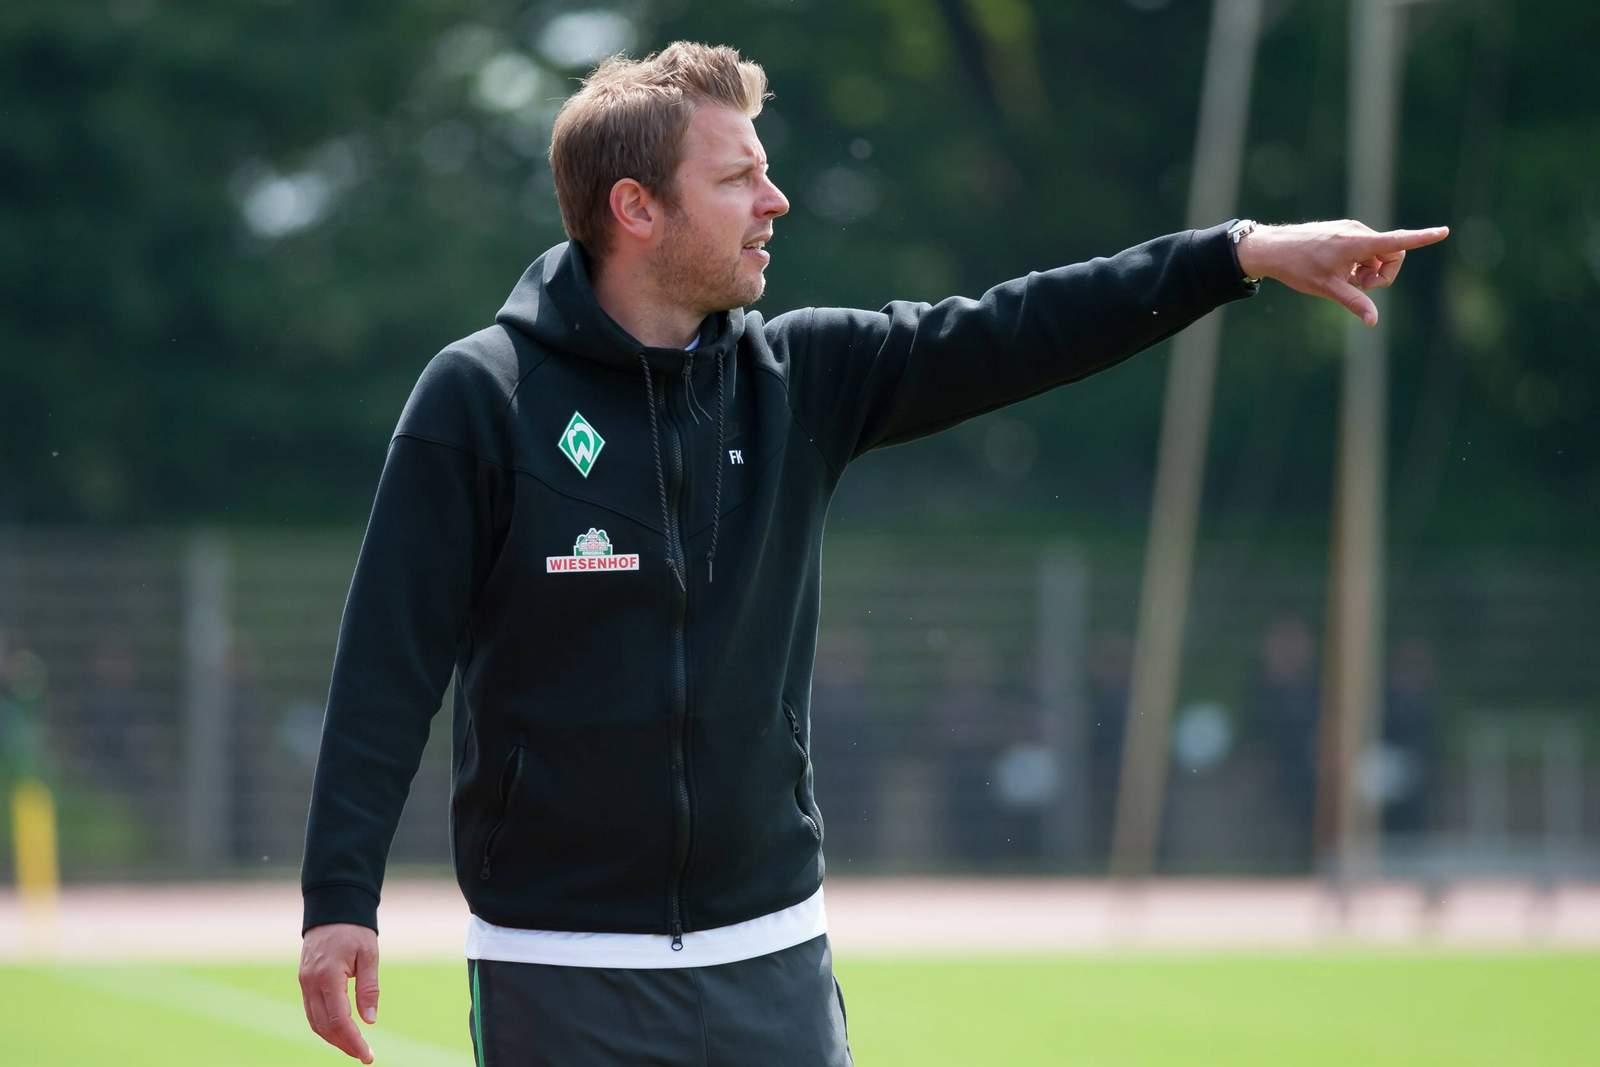 Vorerst für Werders Erste zuständig: Florian Kohfeldt